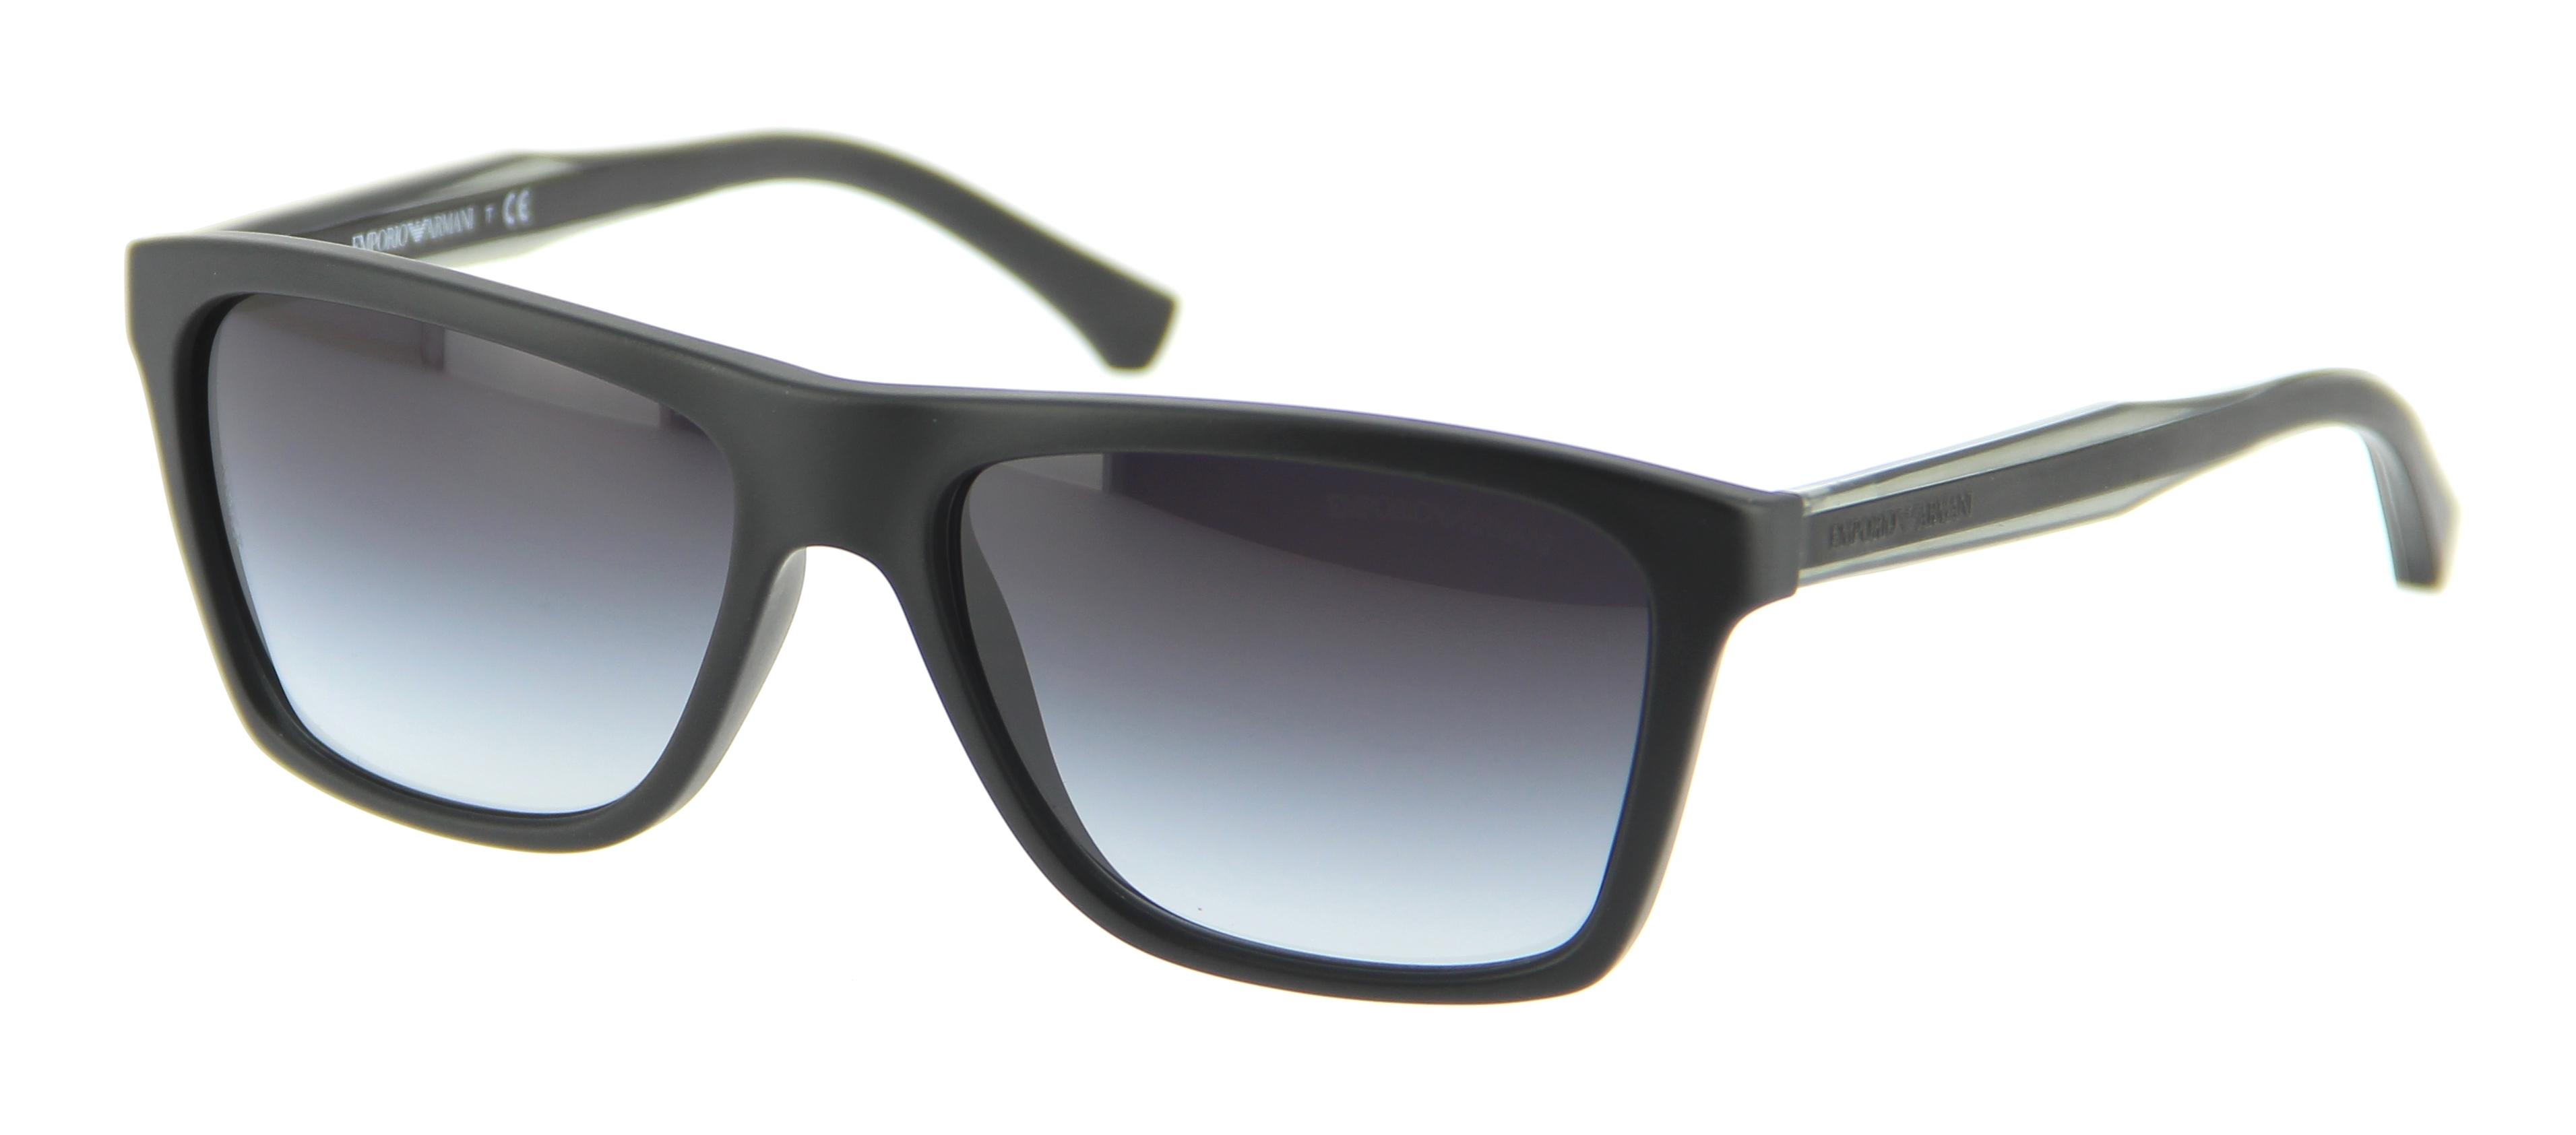 armani lunette